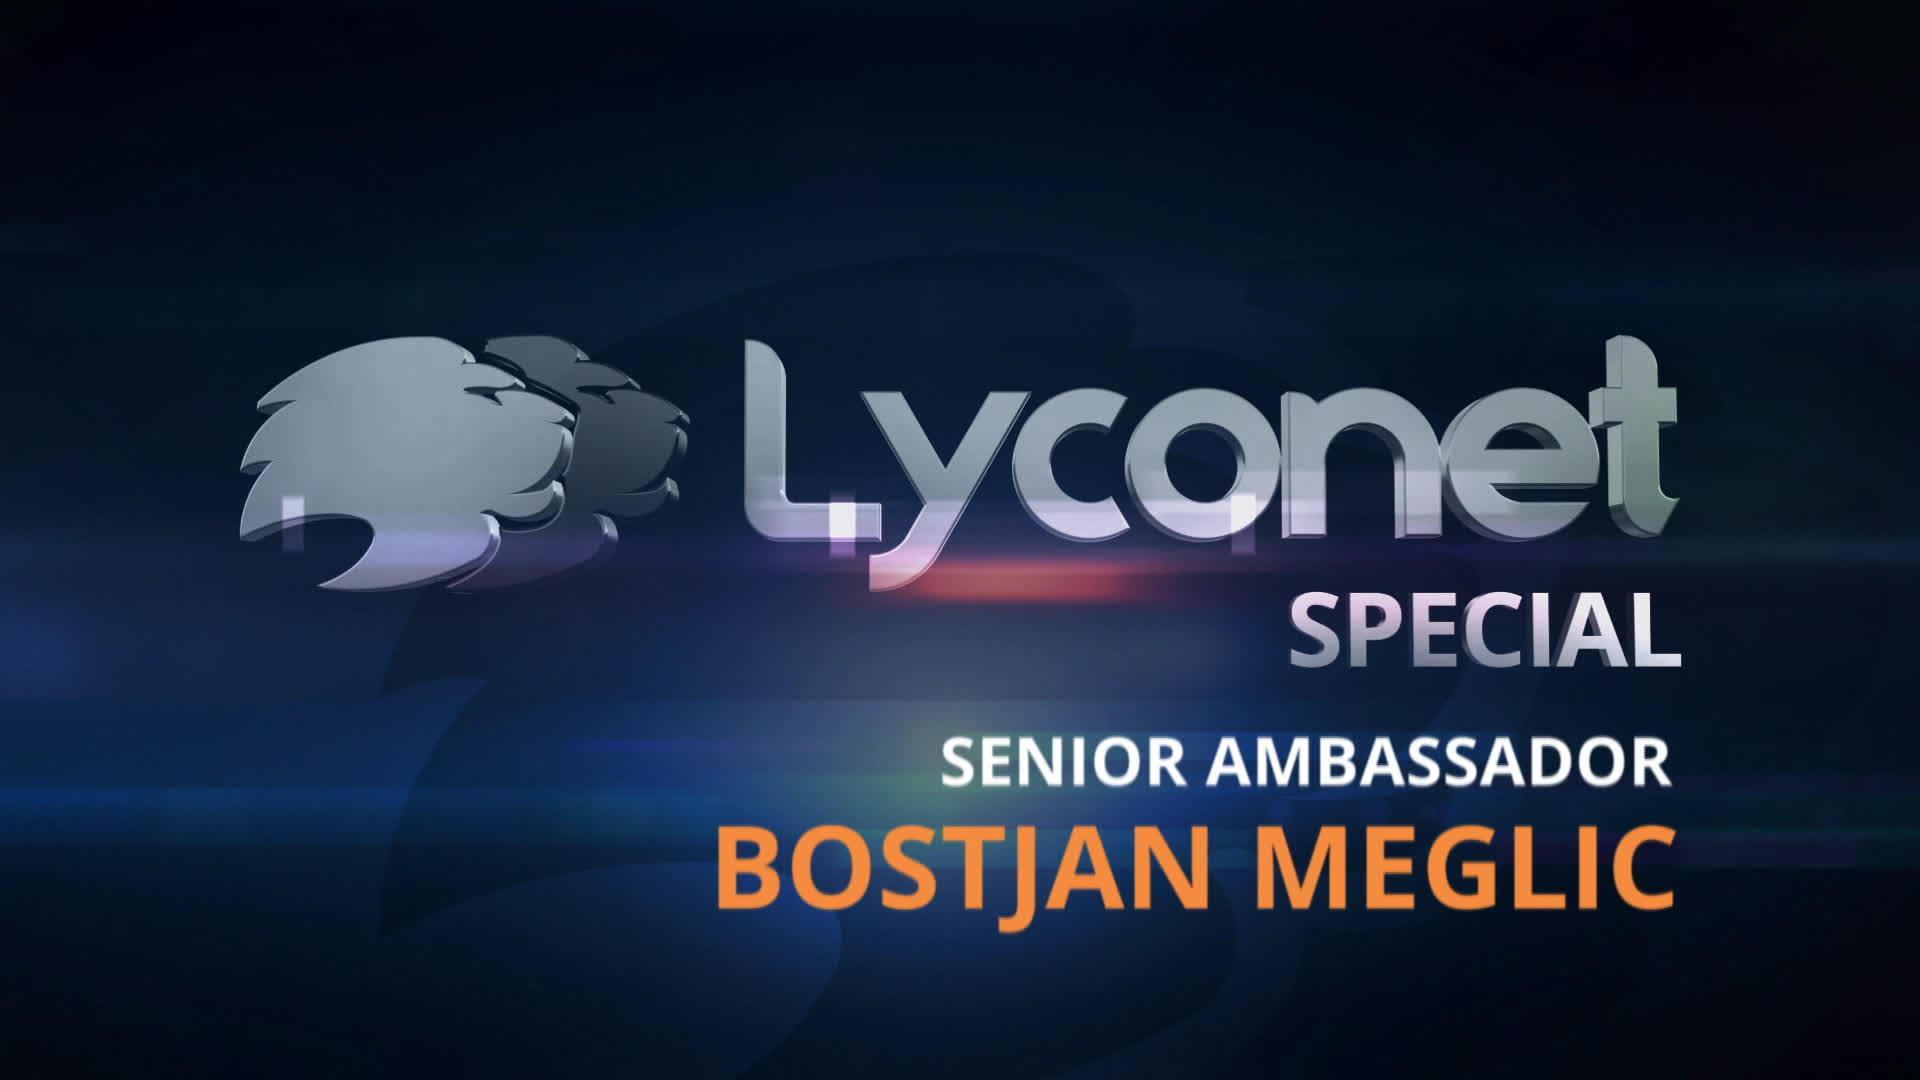 Senior Ambassador - Bostjan Meglic